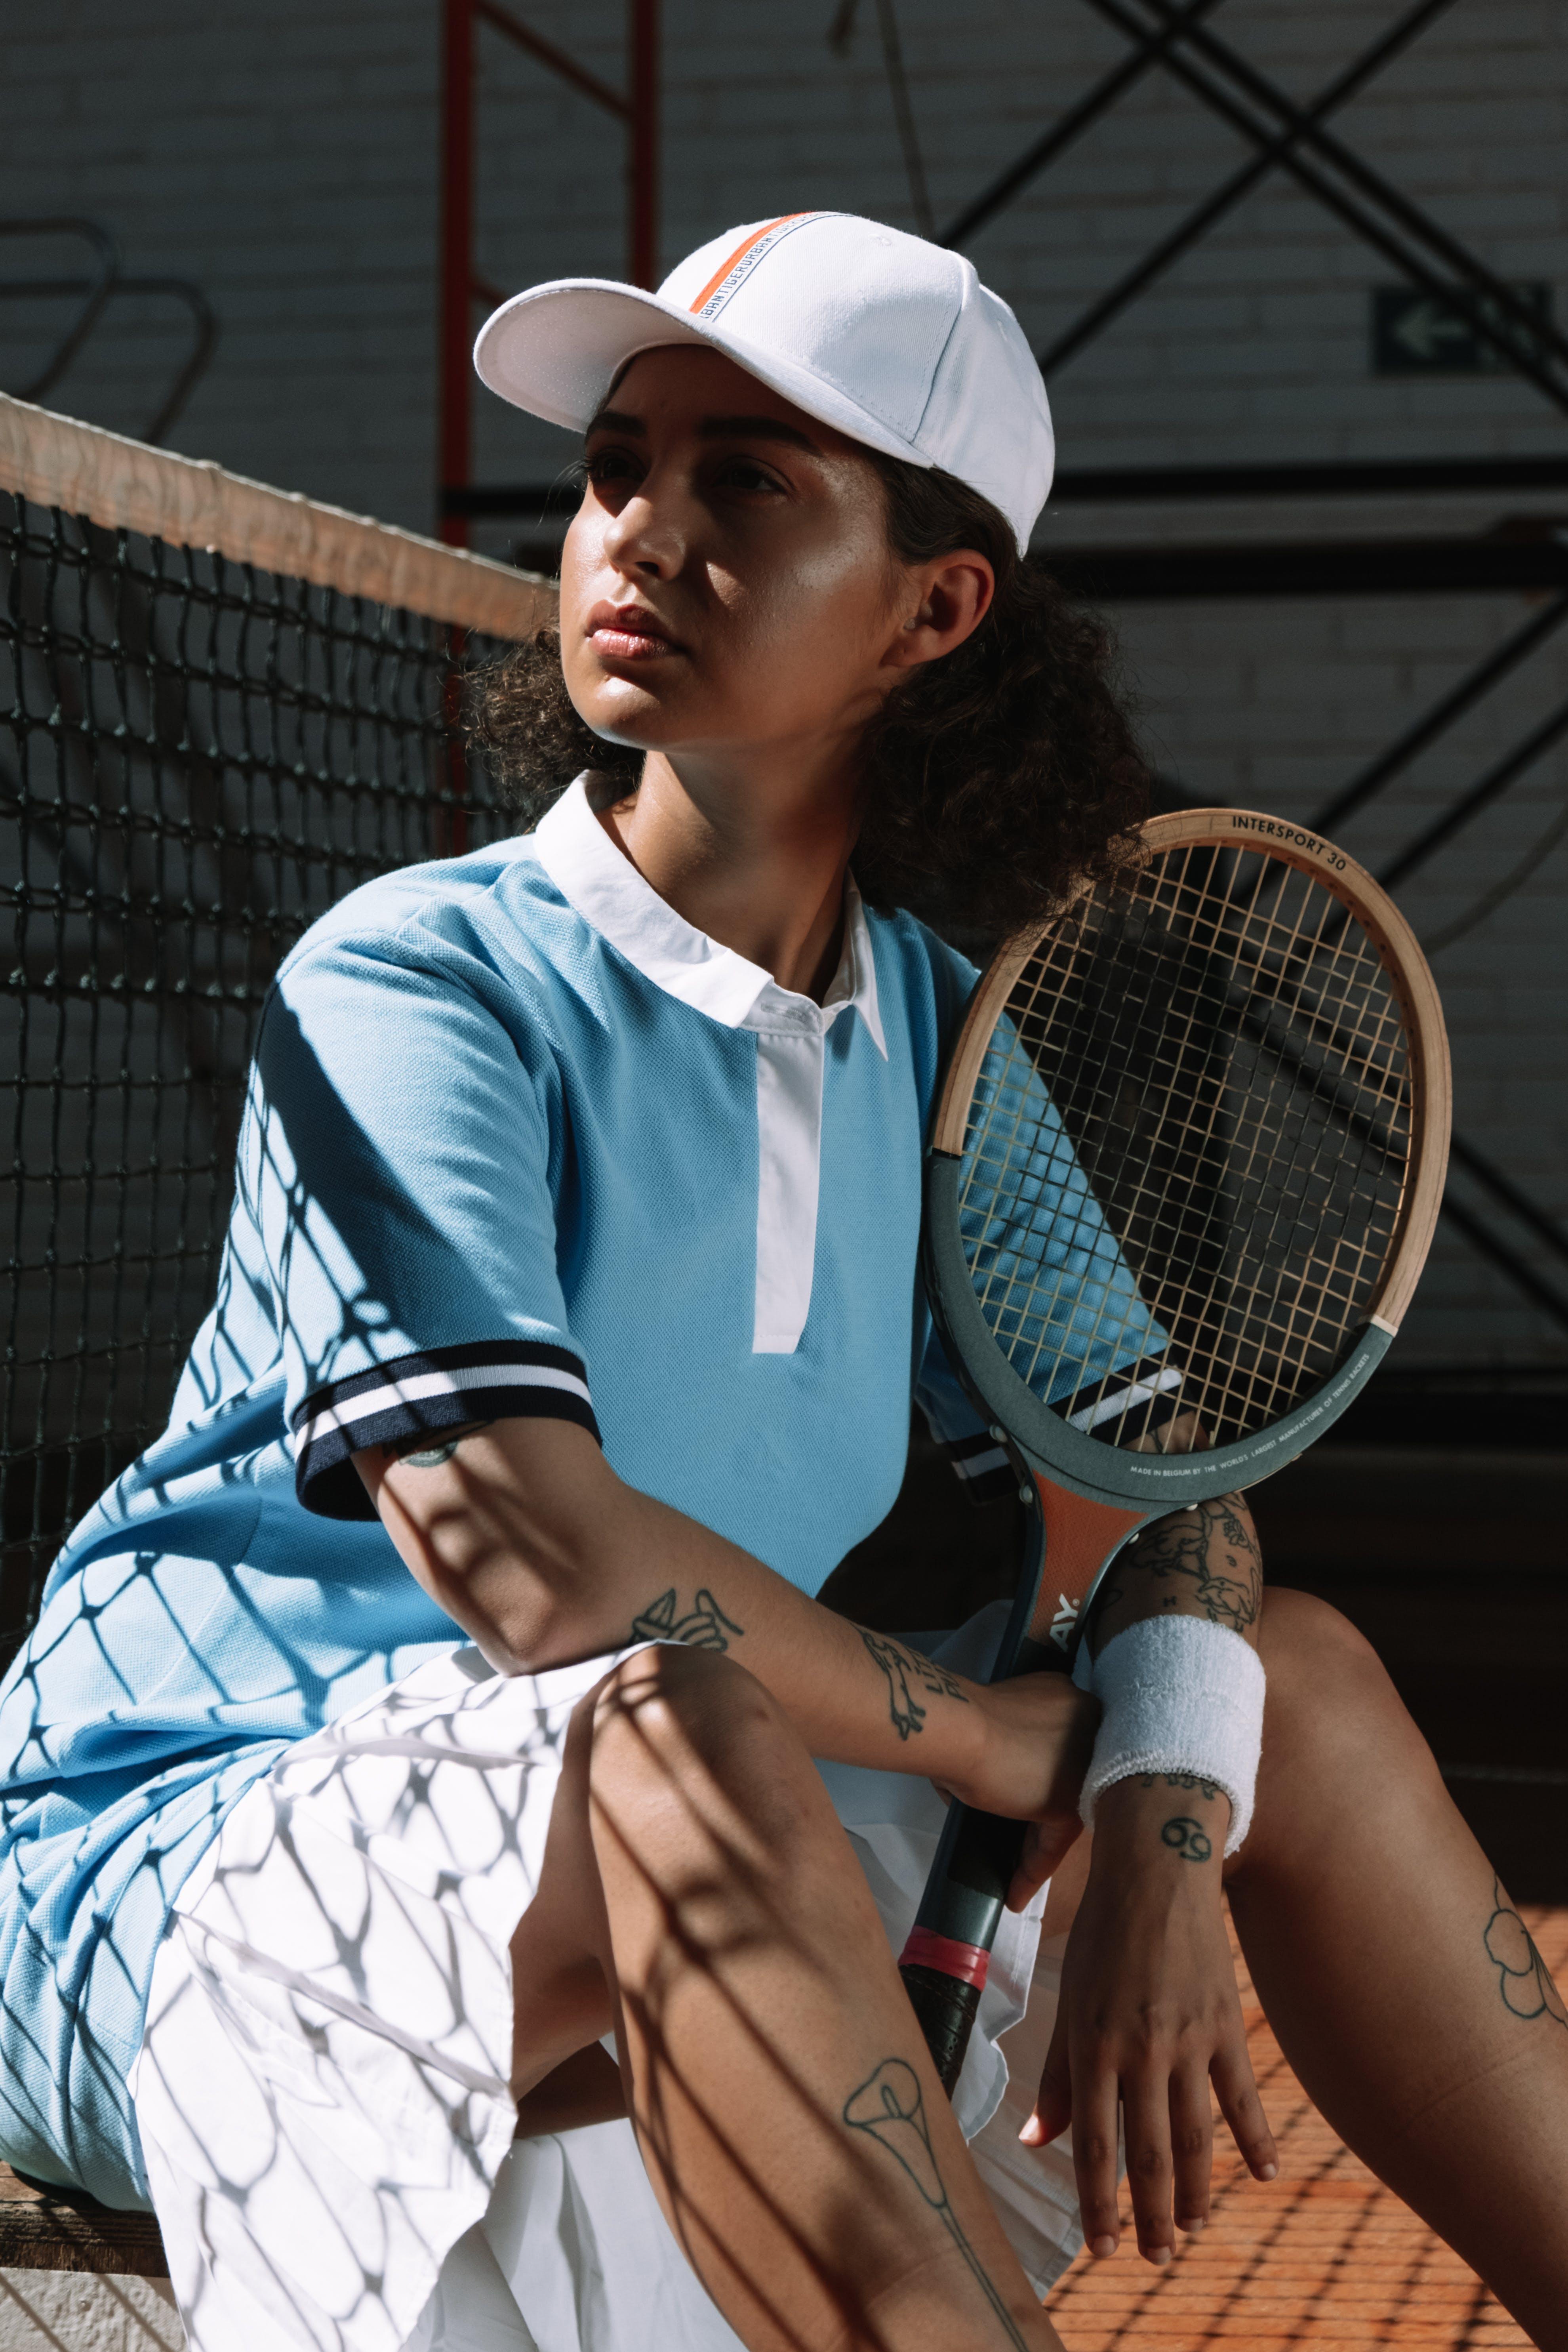 Mujer En Camiseta Azul Y Blanca Con Cuello Redondo Adidas Con Raqueta De Tenis Blanca Y Azul ...